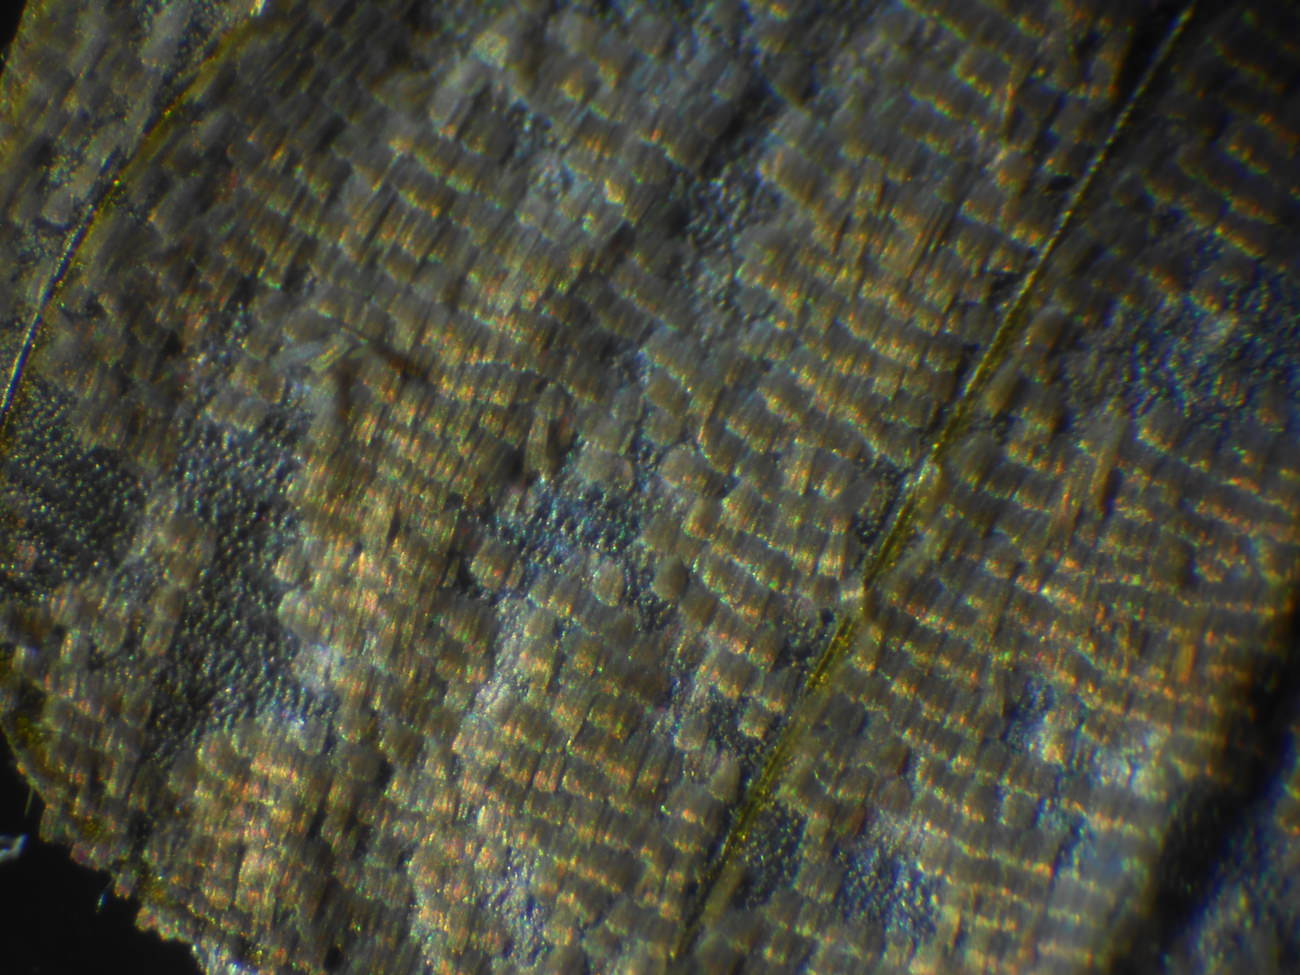 蝶のりん粉のミクロ観察顕微鏡写真